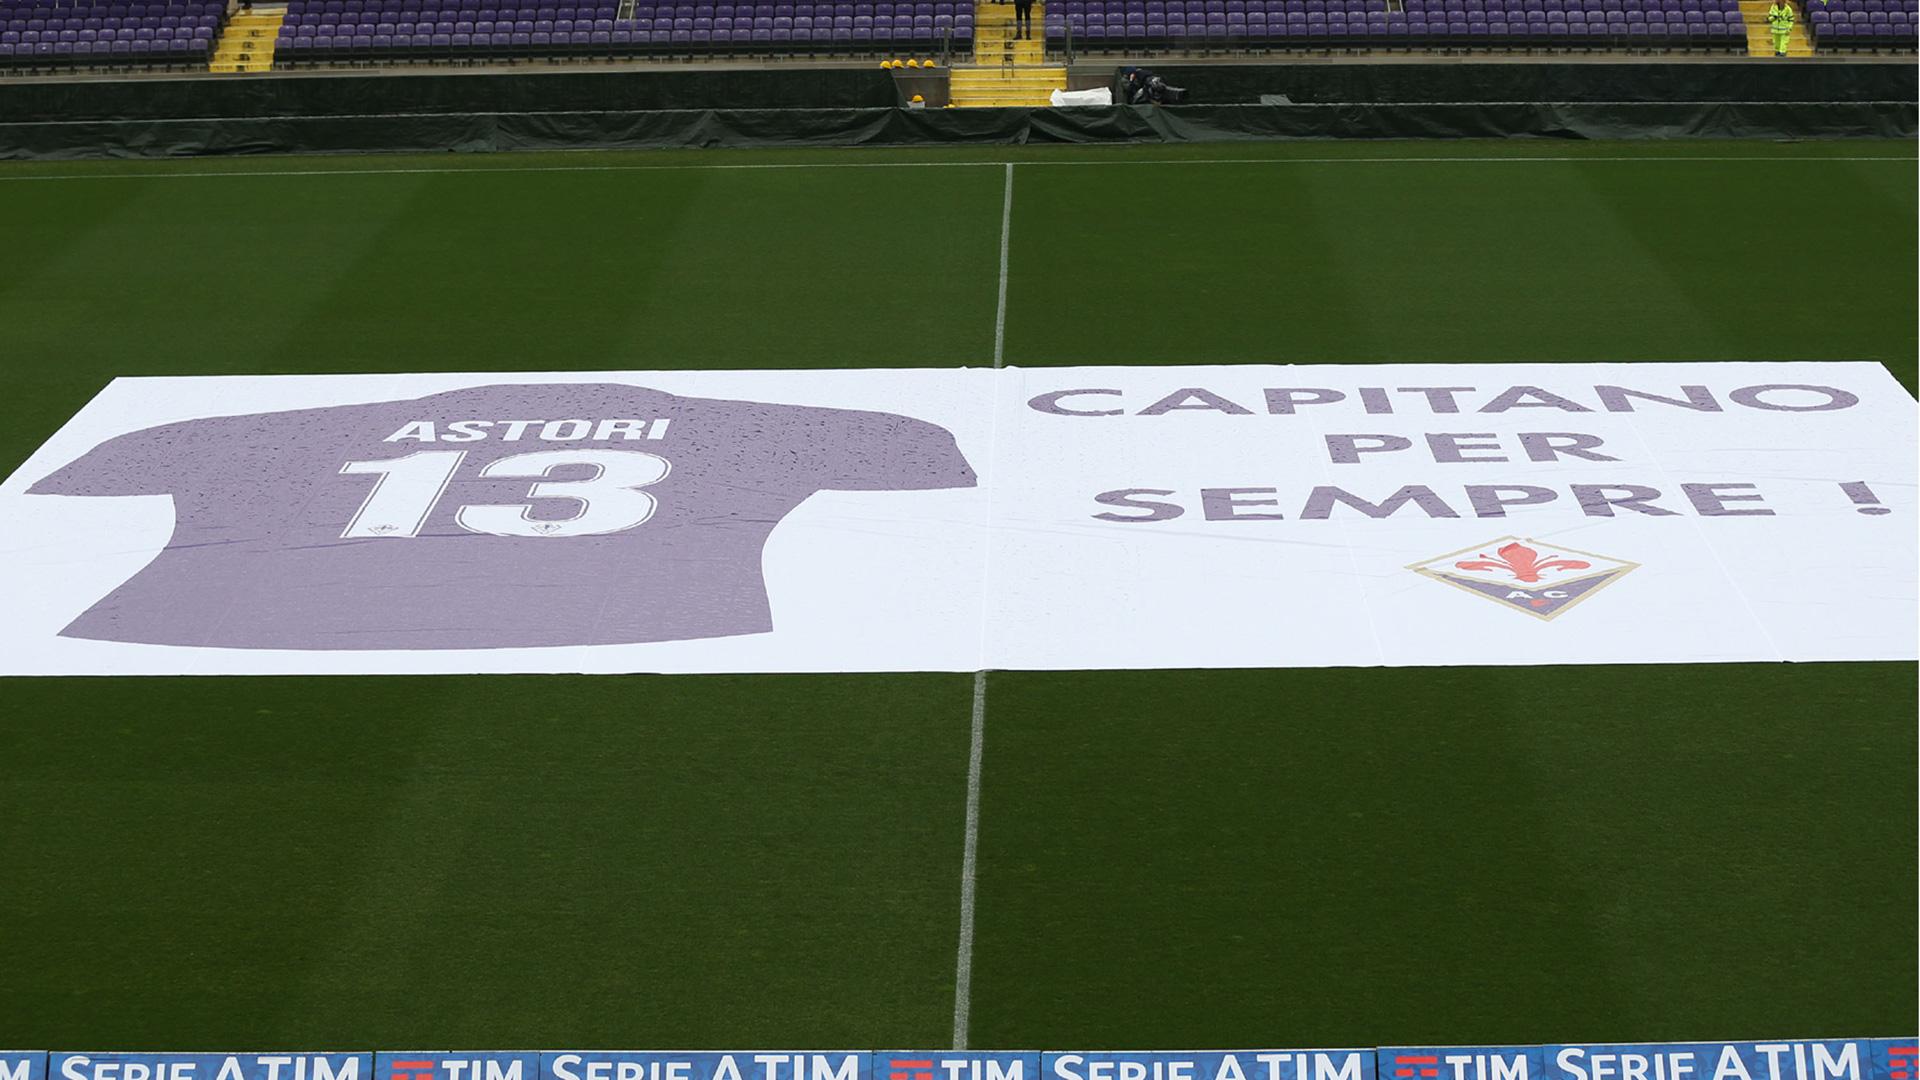 Fiorentina, centro sportivo accanto al Franchi intitolato ad Astori